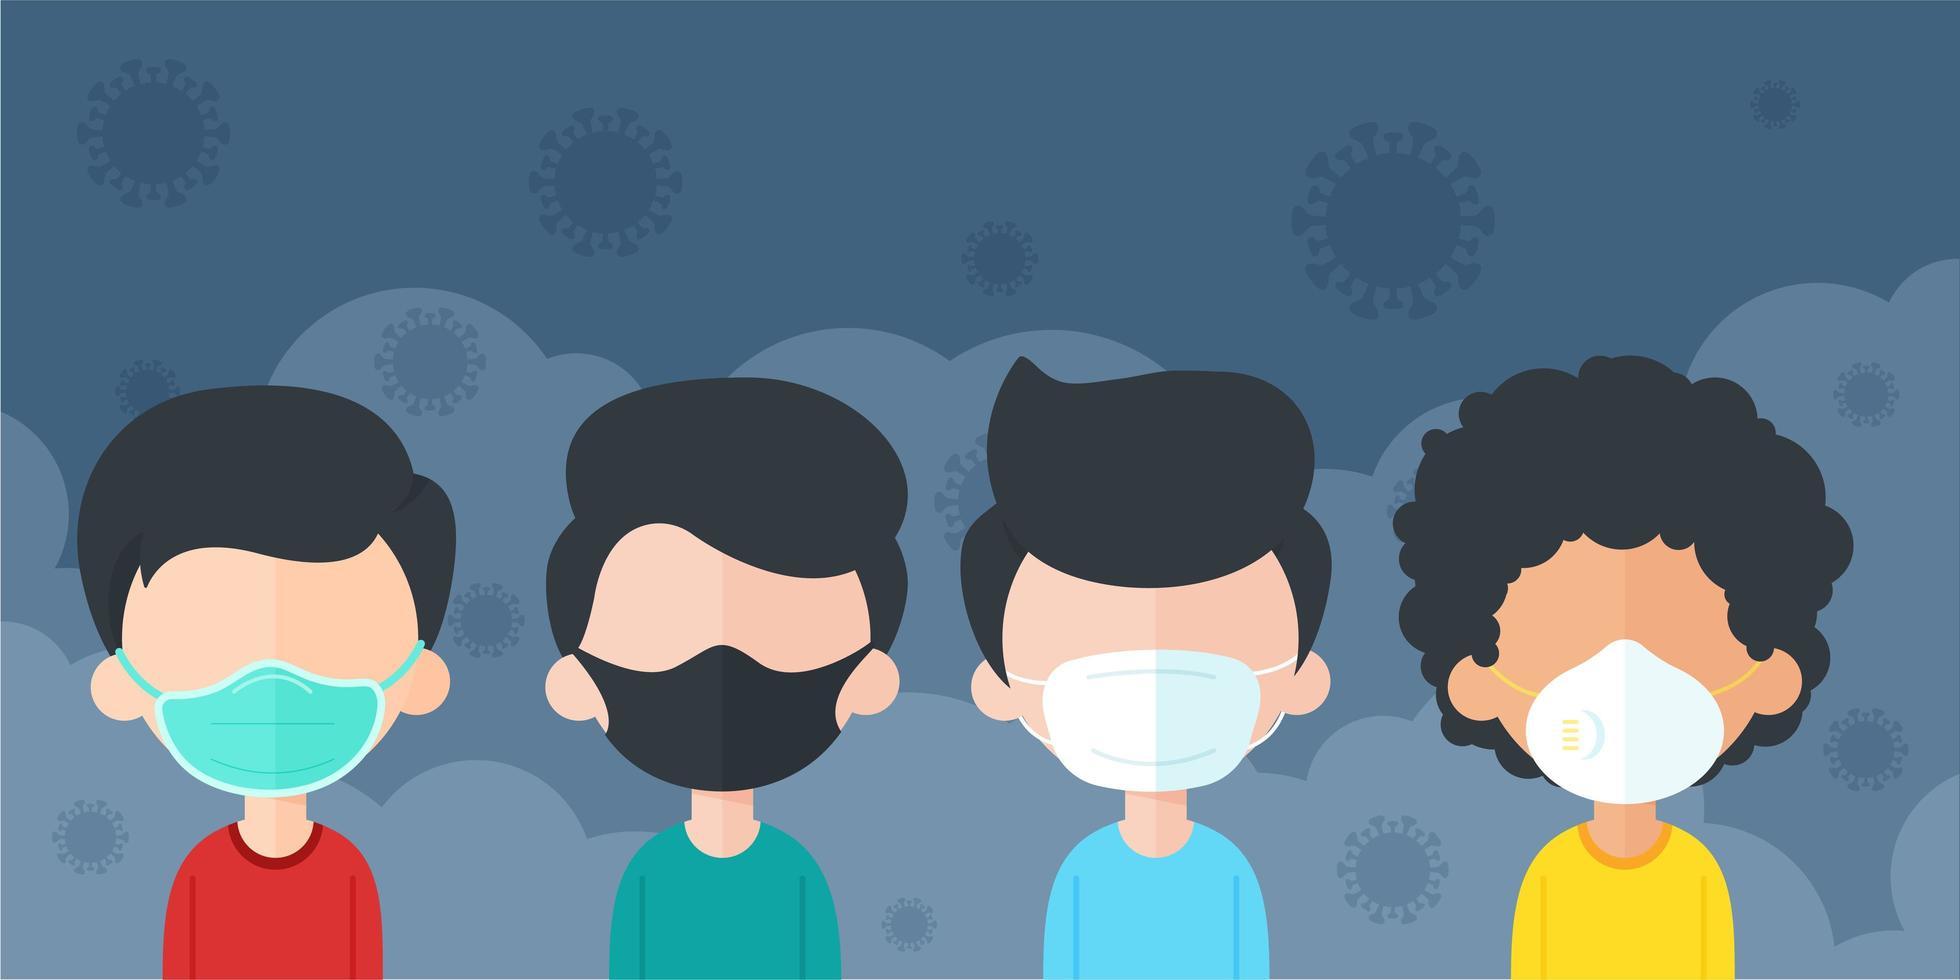 uomini che indossano maschere per prevenire polvere e virus vettore